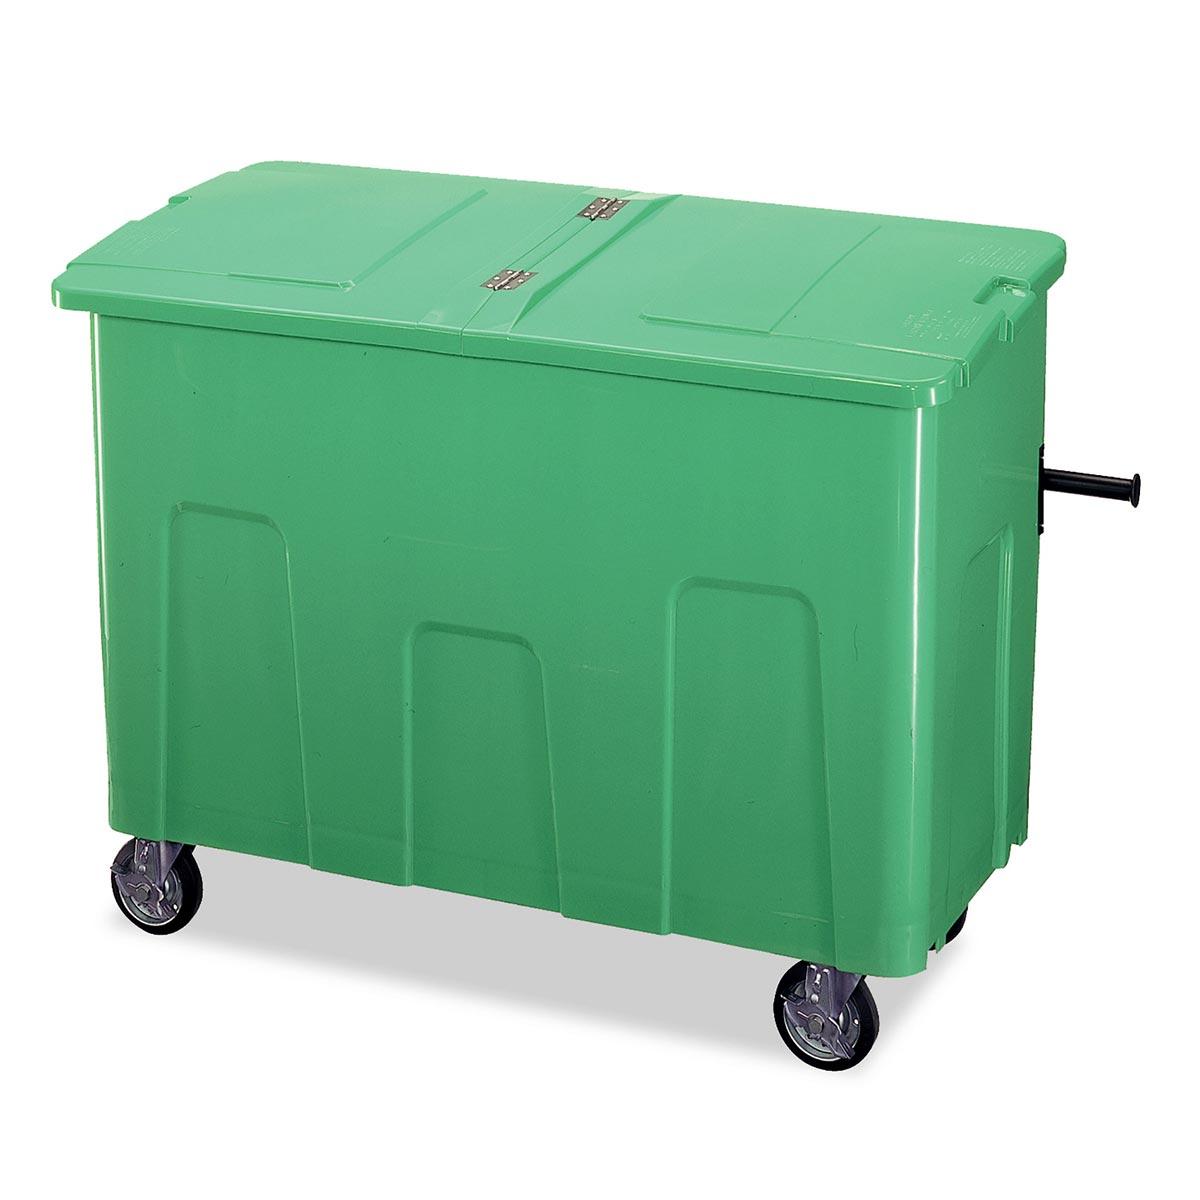 テラモト リサイクルカートアウトバー 0.7(約700L) グリーン (代引不可) DS-224-070-1